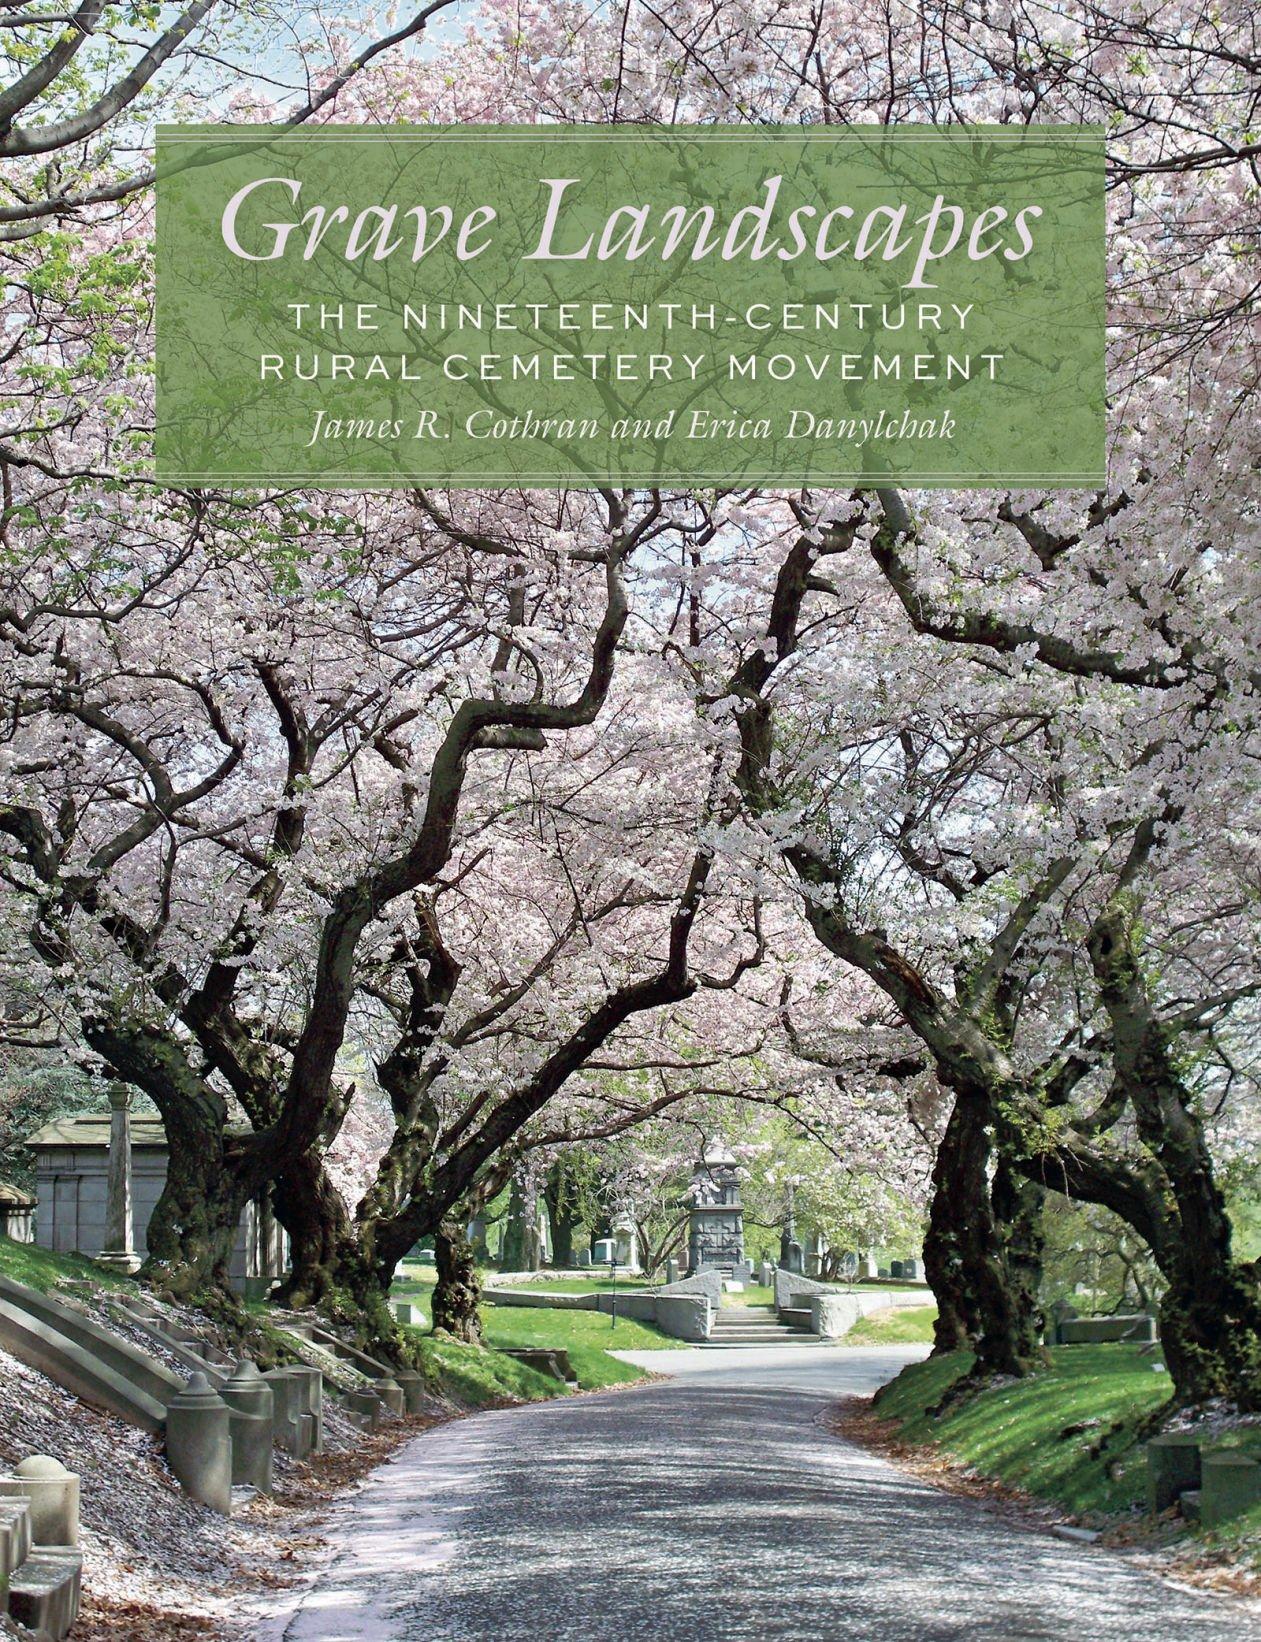 Grave Landscapes 2 cover